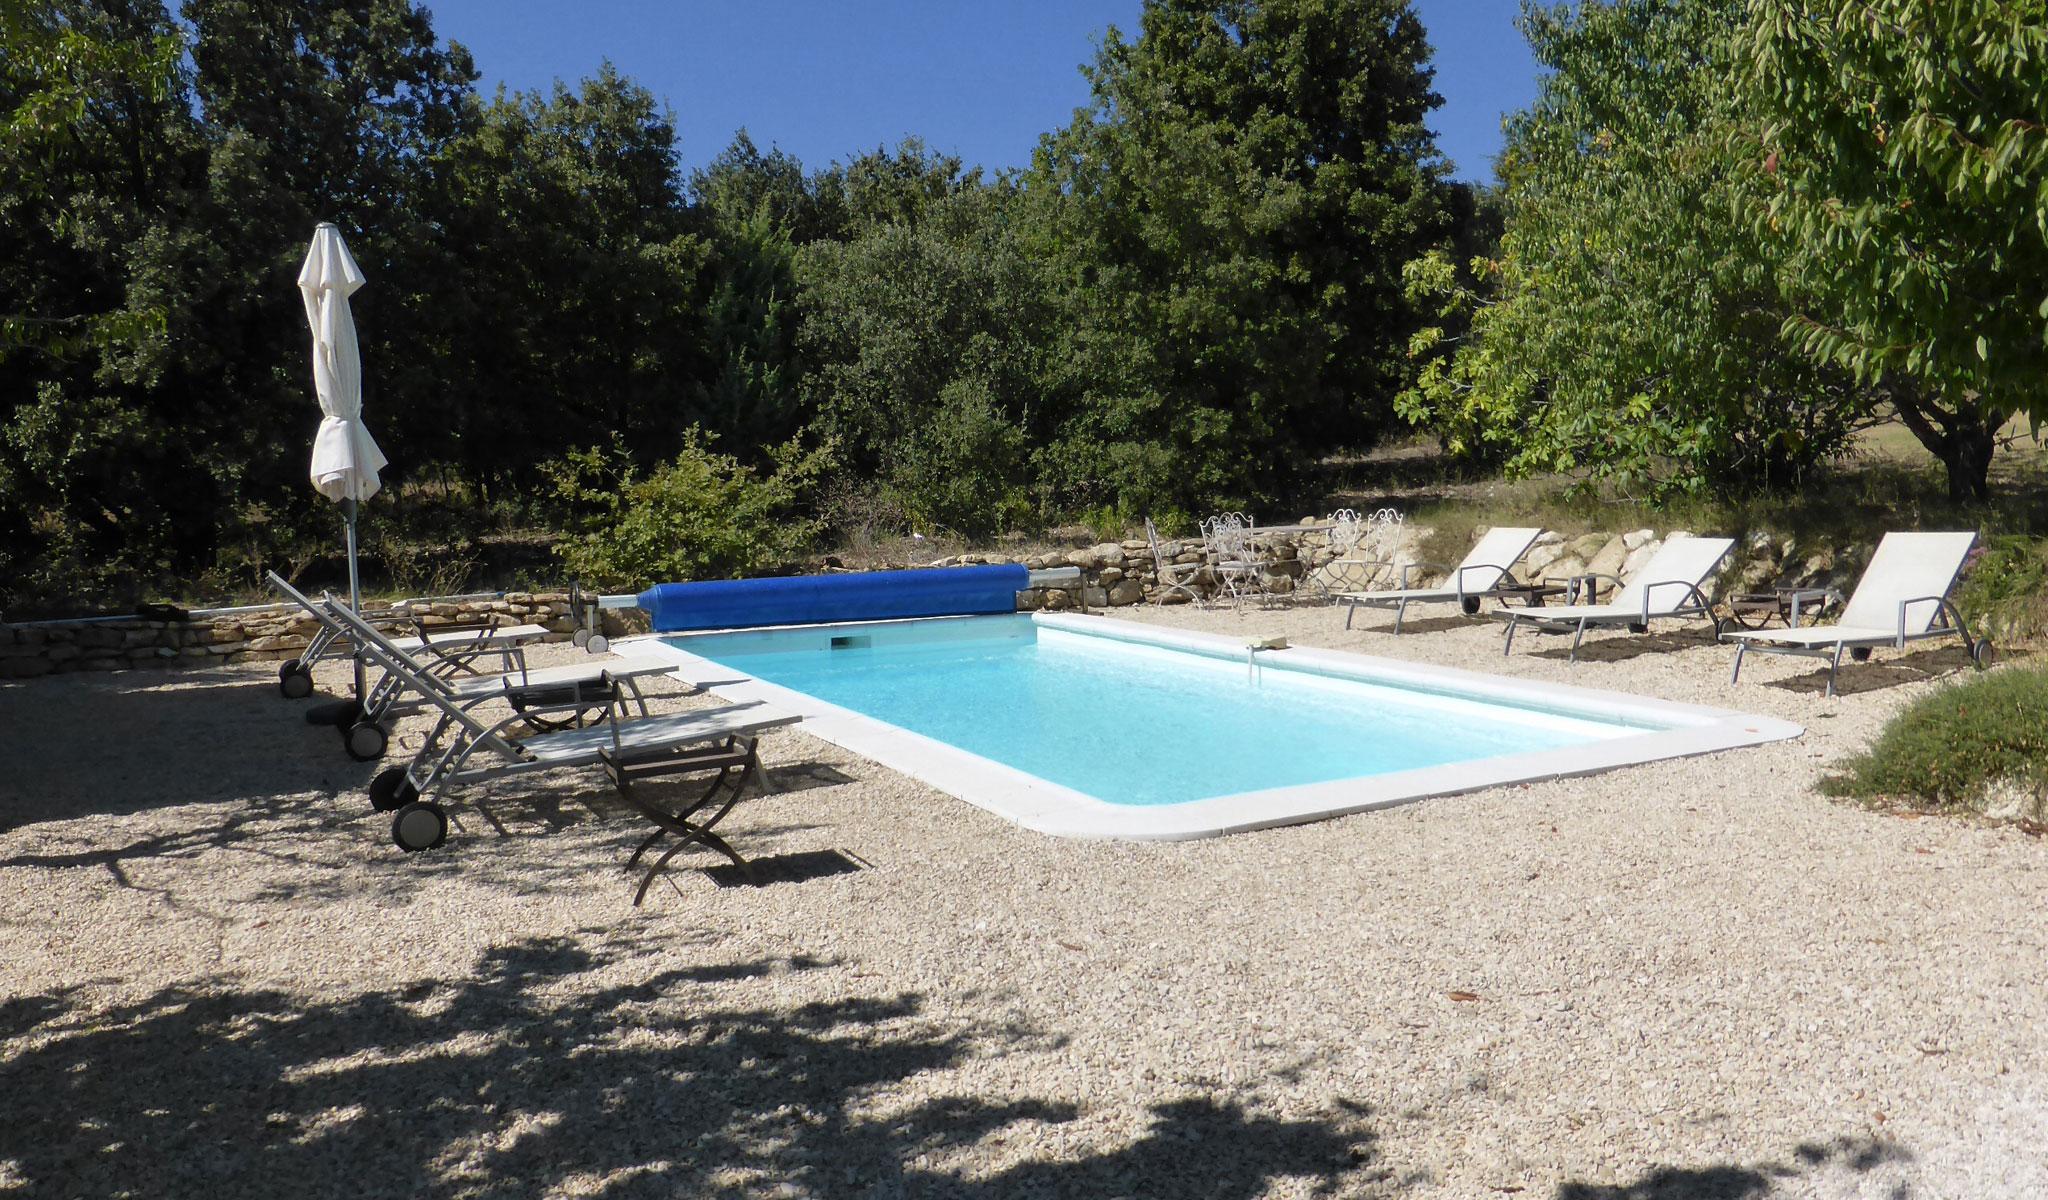 004 La Maison de Lune Pool